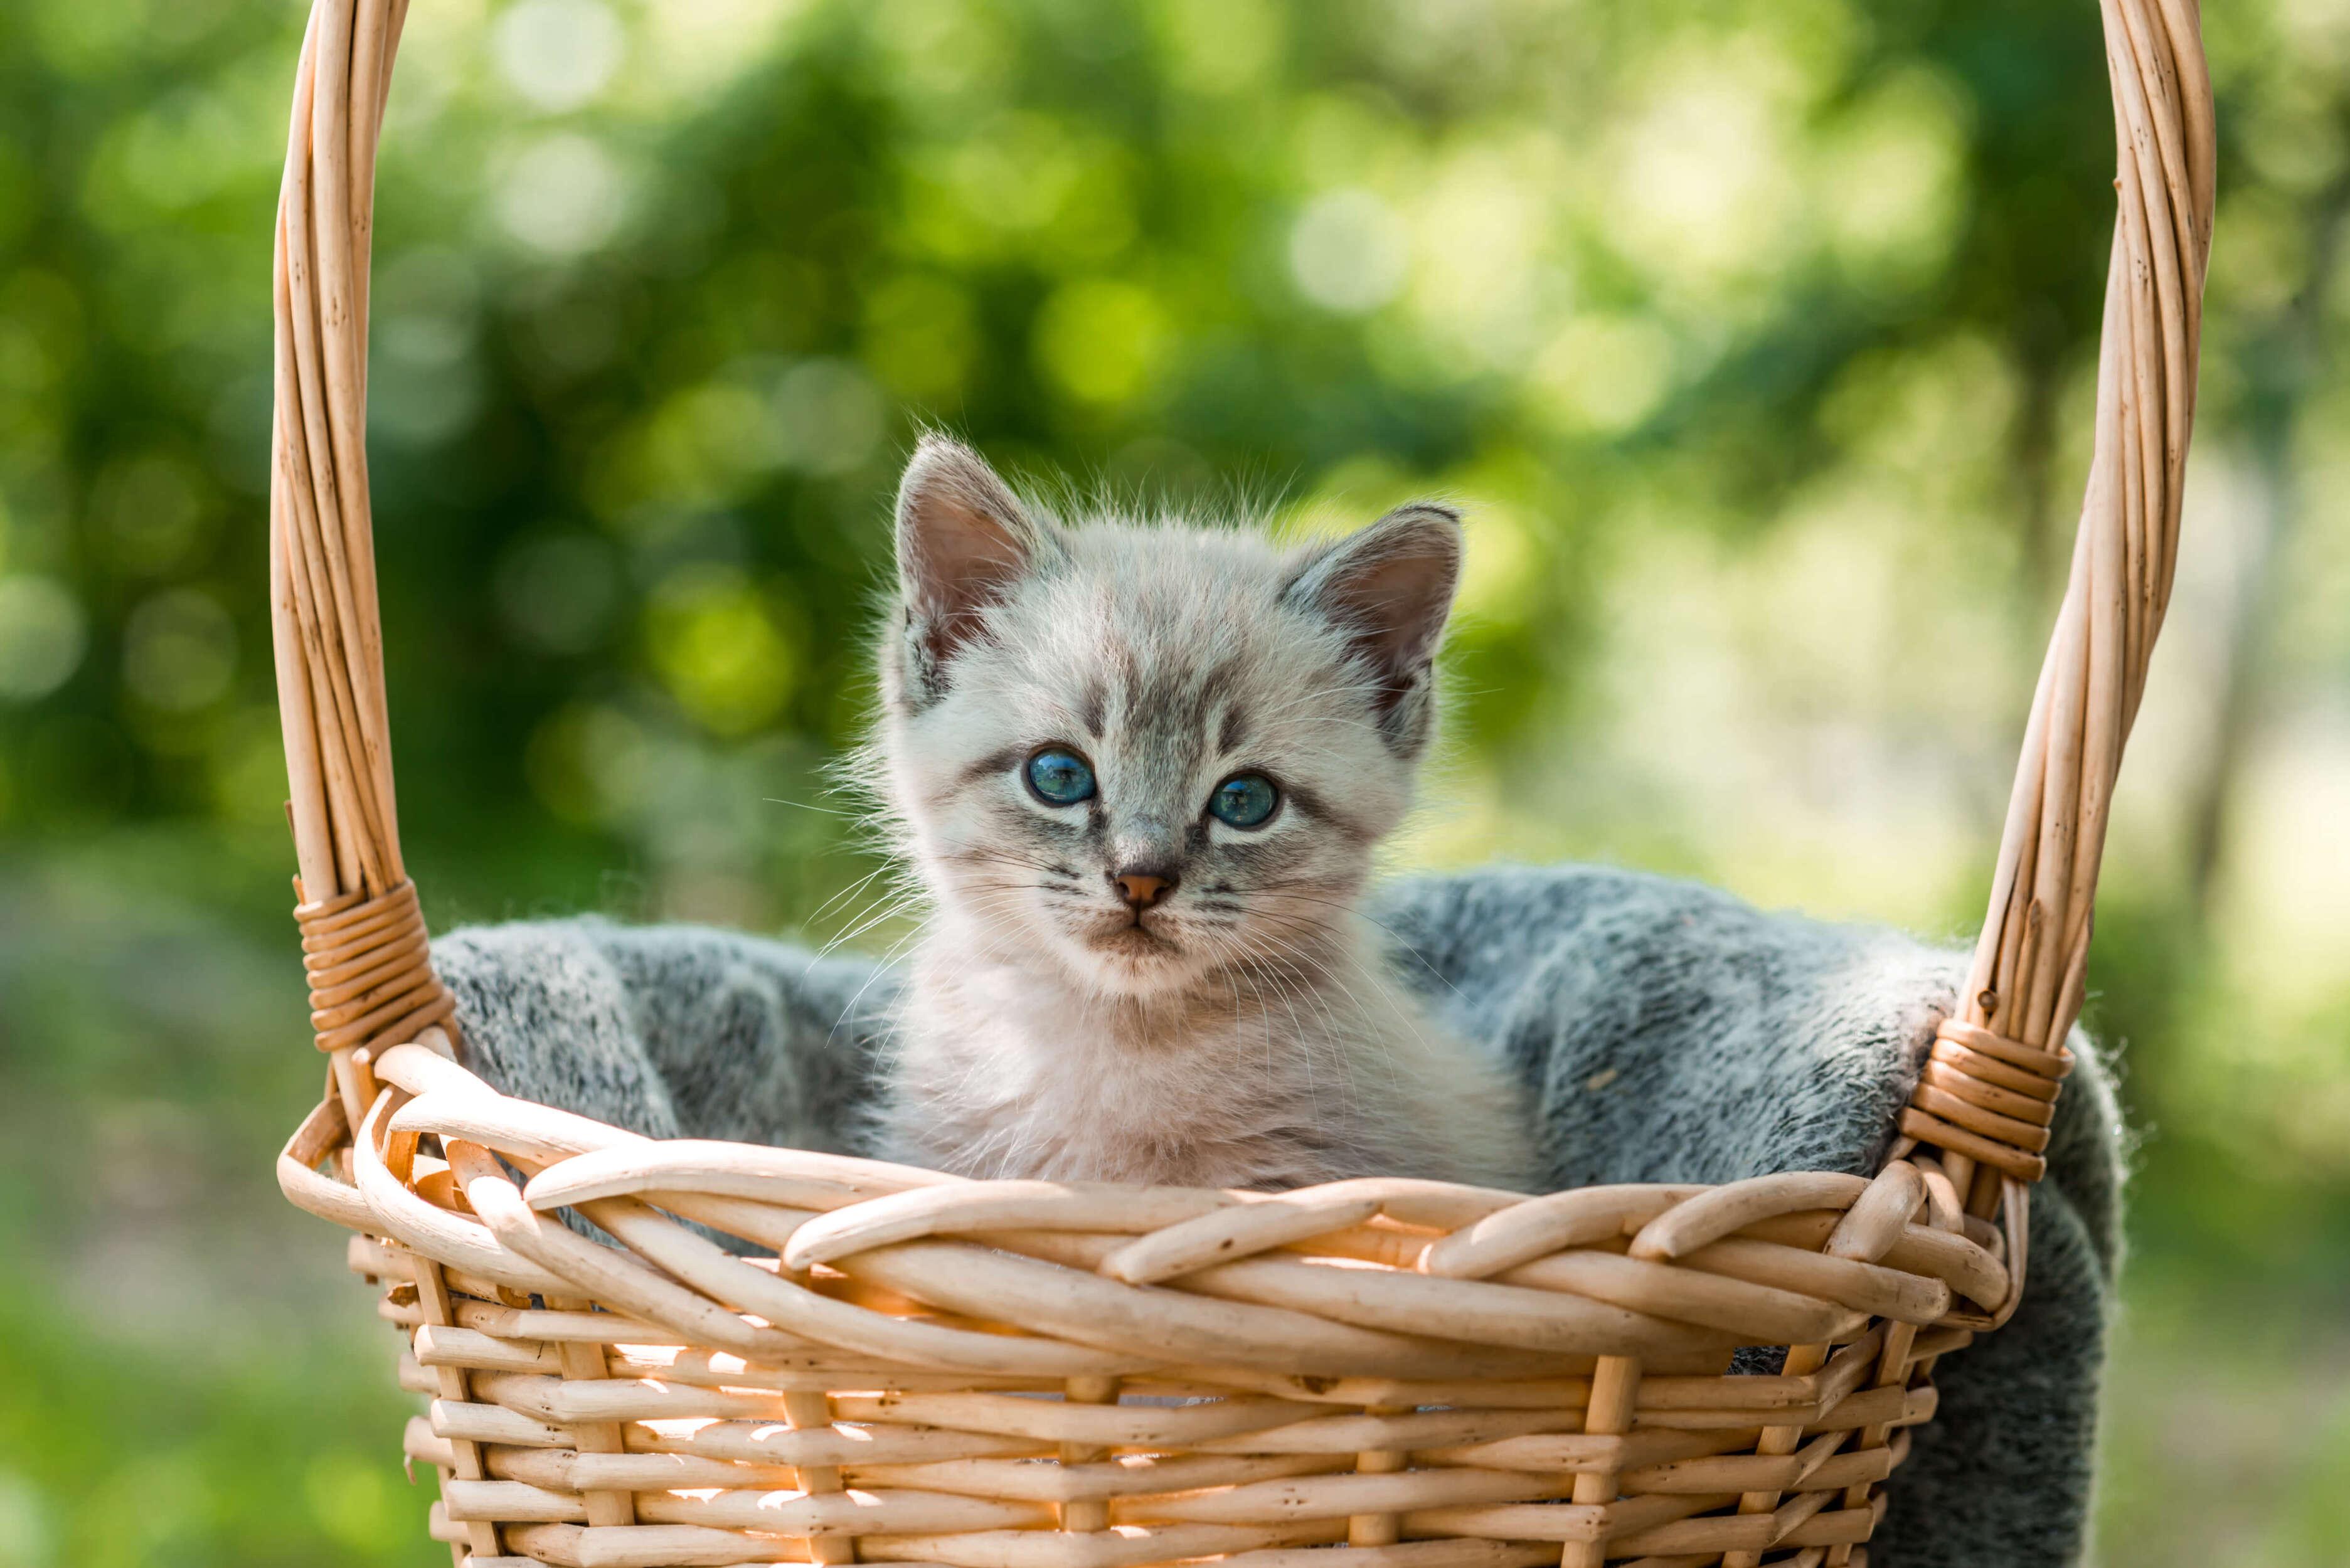 sepet içindeki yavru kedi